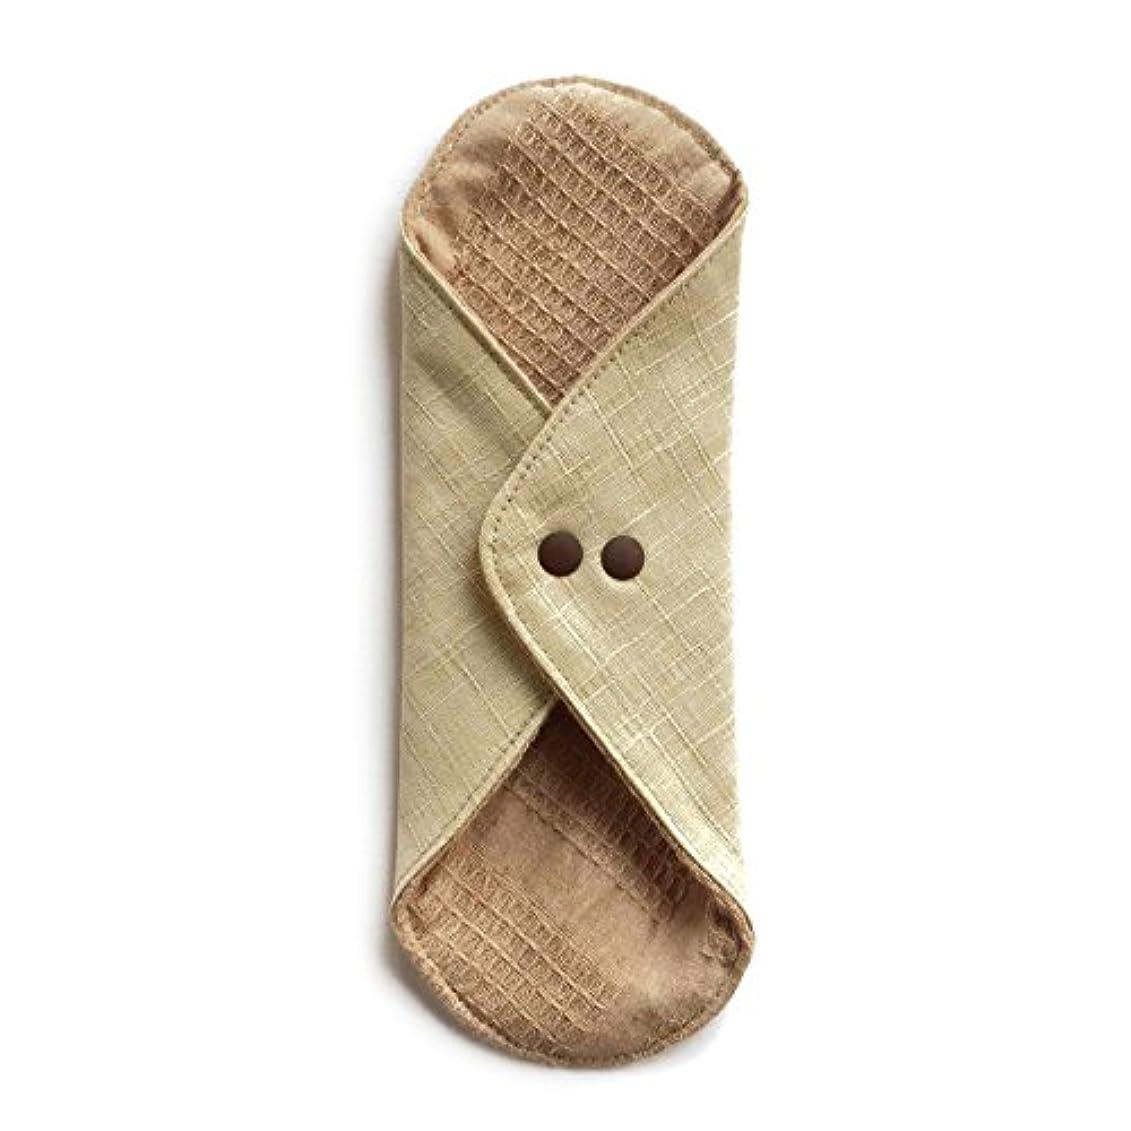 音エンジニアリング擬人化華布のオーガニックコットンのあたため布 Lサイズ (約18×約20.5×約0.5cm) 彩り(百合)